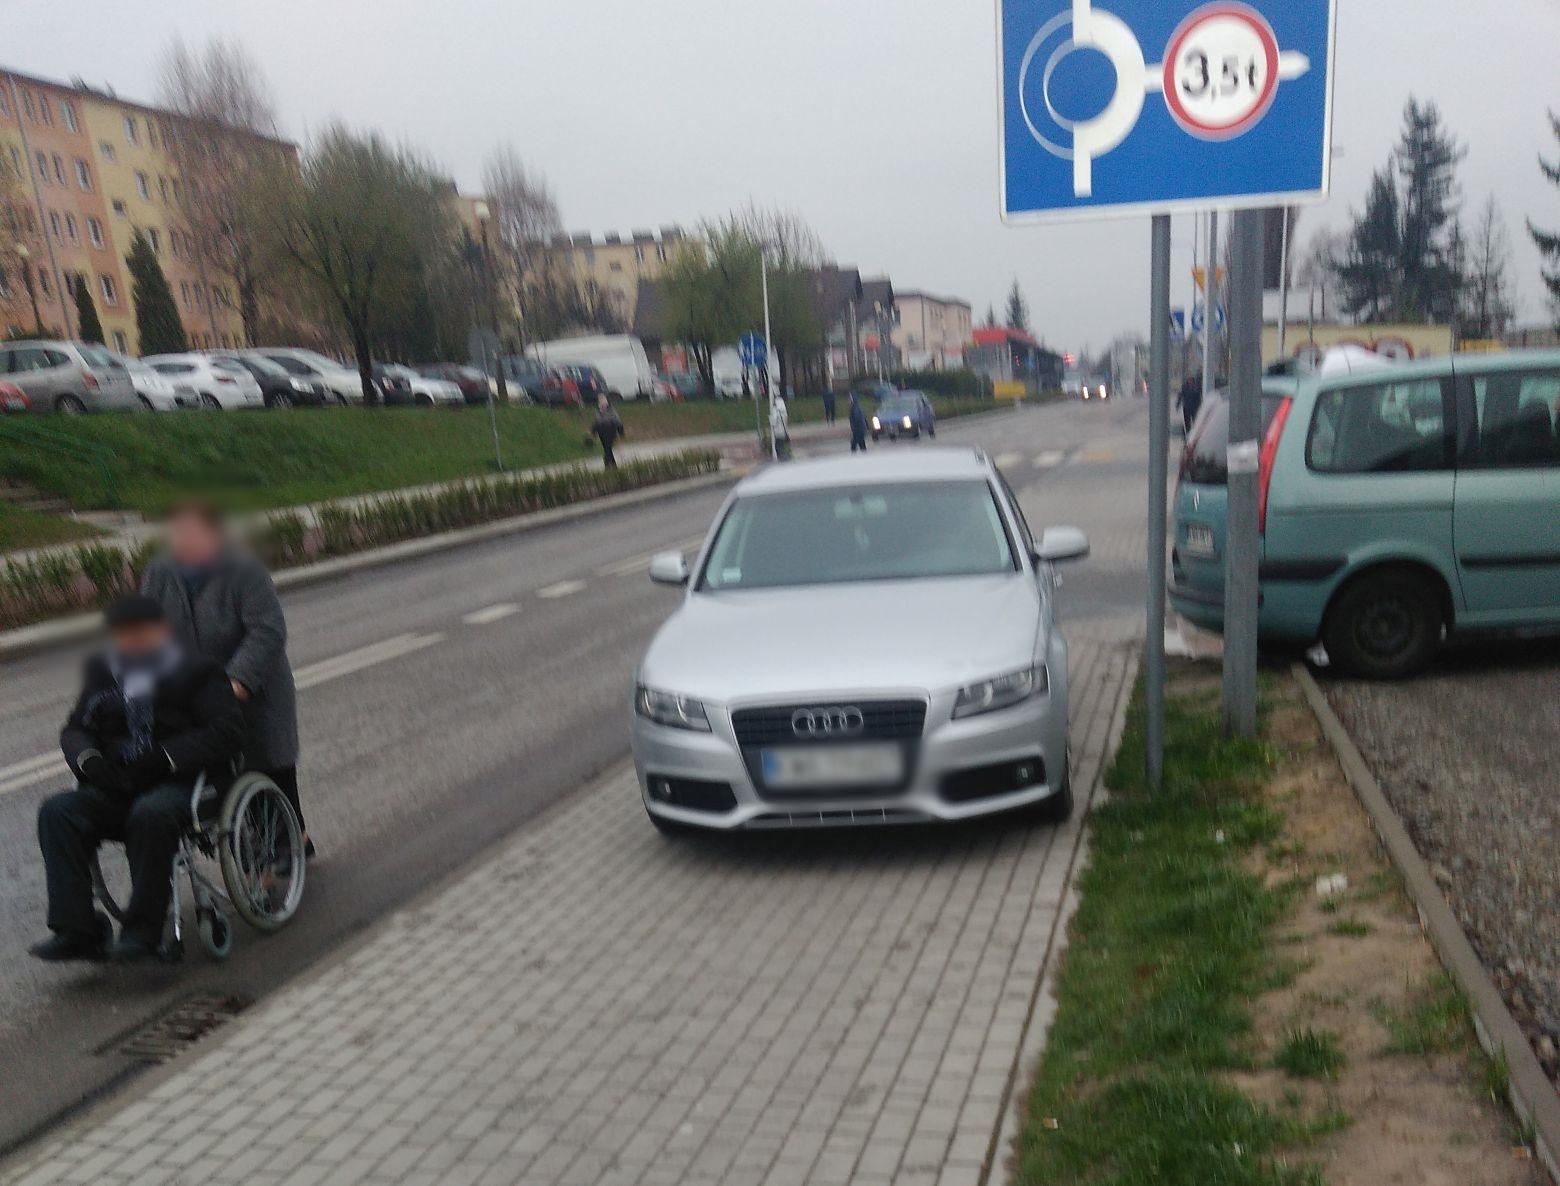 Tak niektórzy parkują. Piesi muszą wchodzić na jezdnię, a droga jest ruchliwa [FOTO]